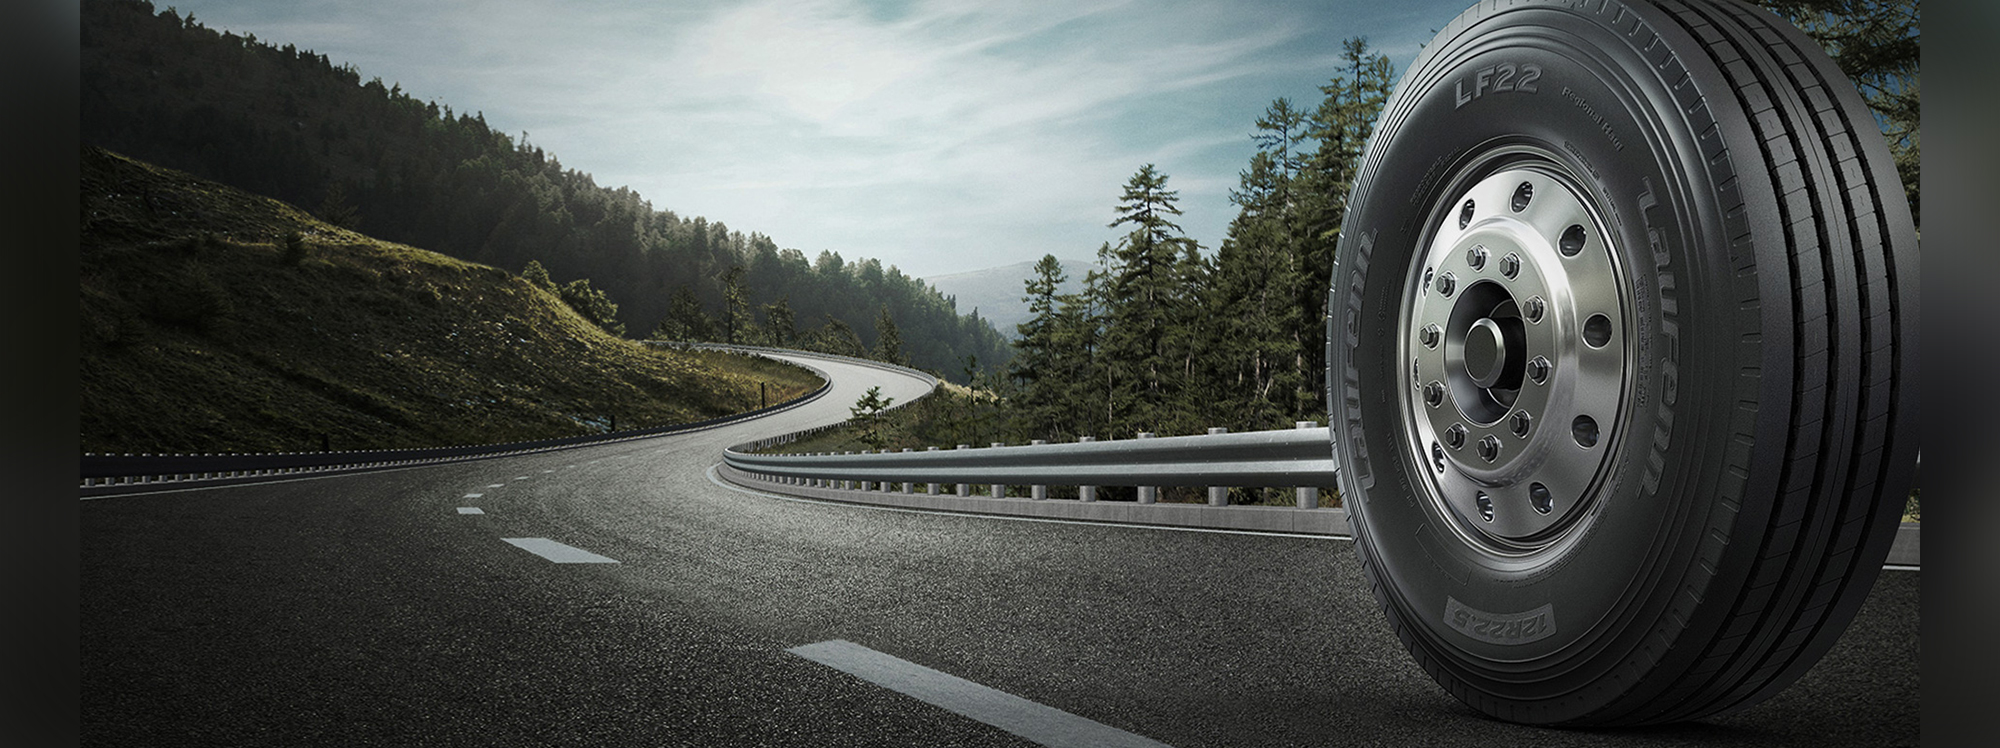 ¿Cómo elegir las llantas adecuadas para un vehículo pesado?